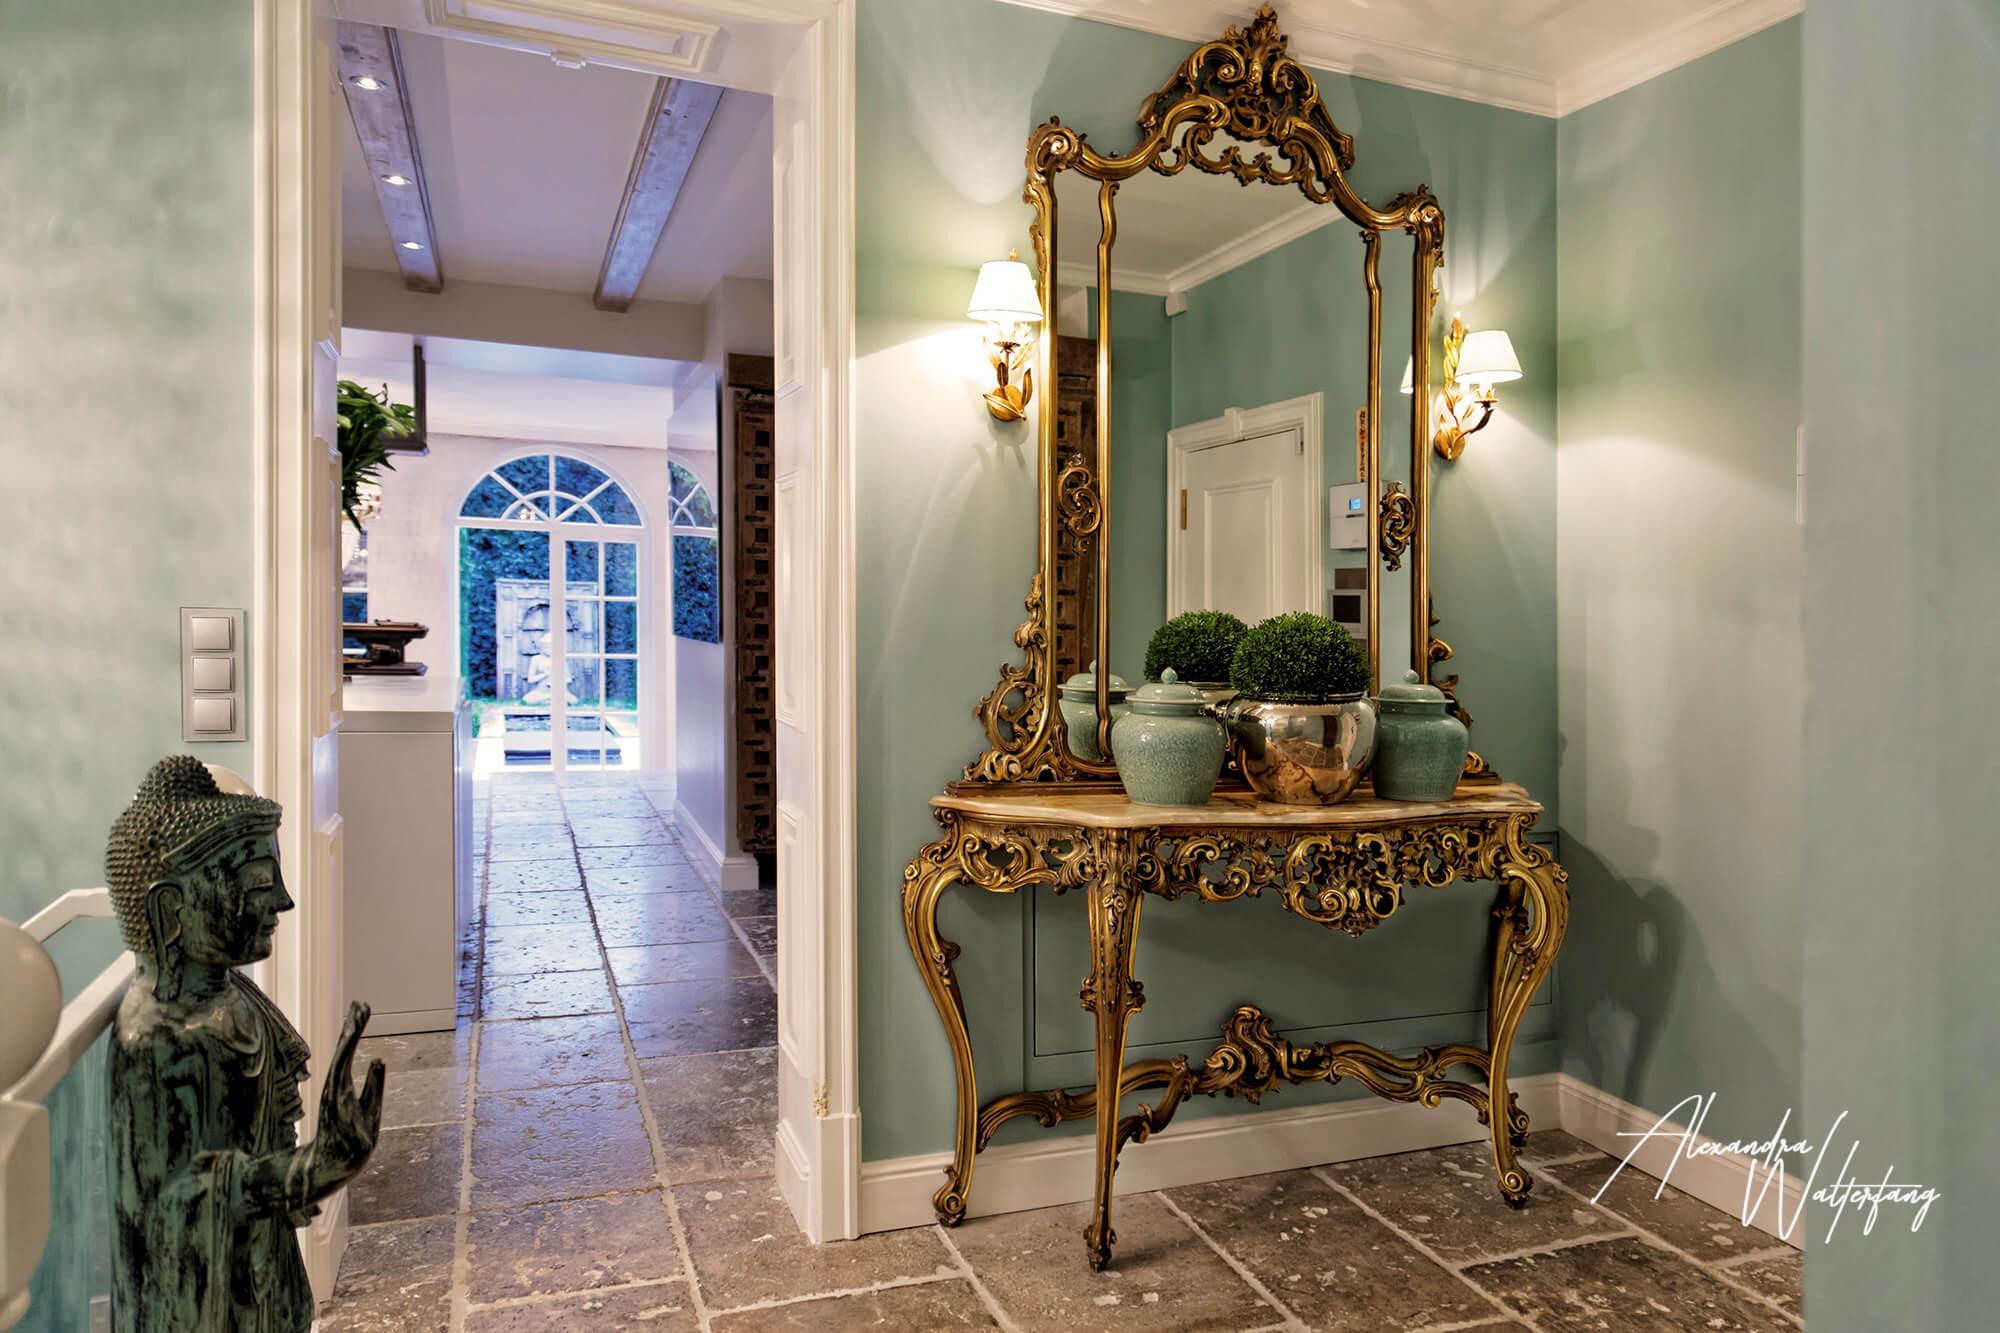 05a.Bruma Immobilien Alexandra Walterfang Creative Home Design.jpg